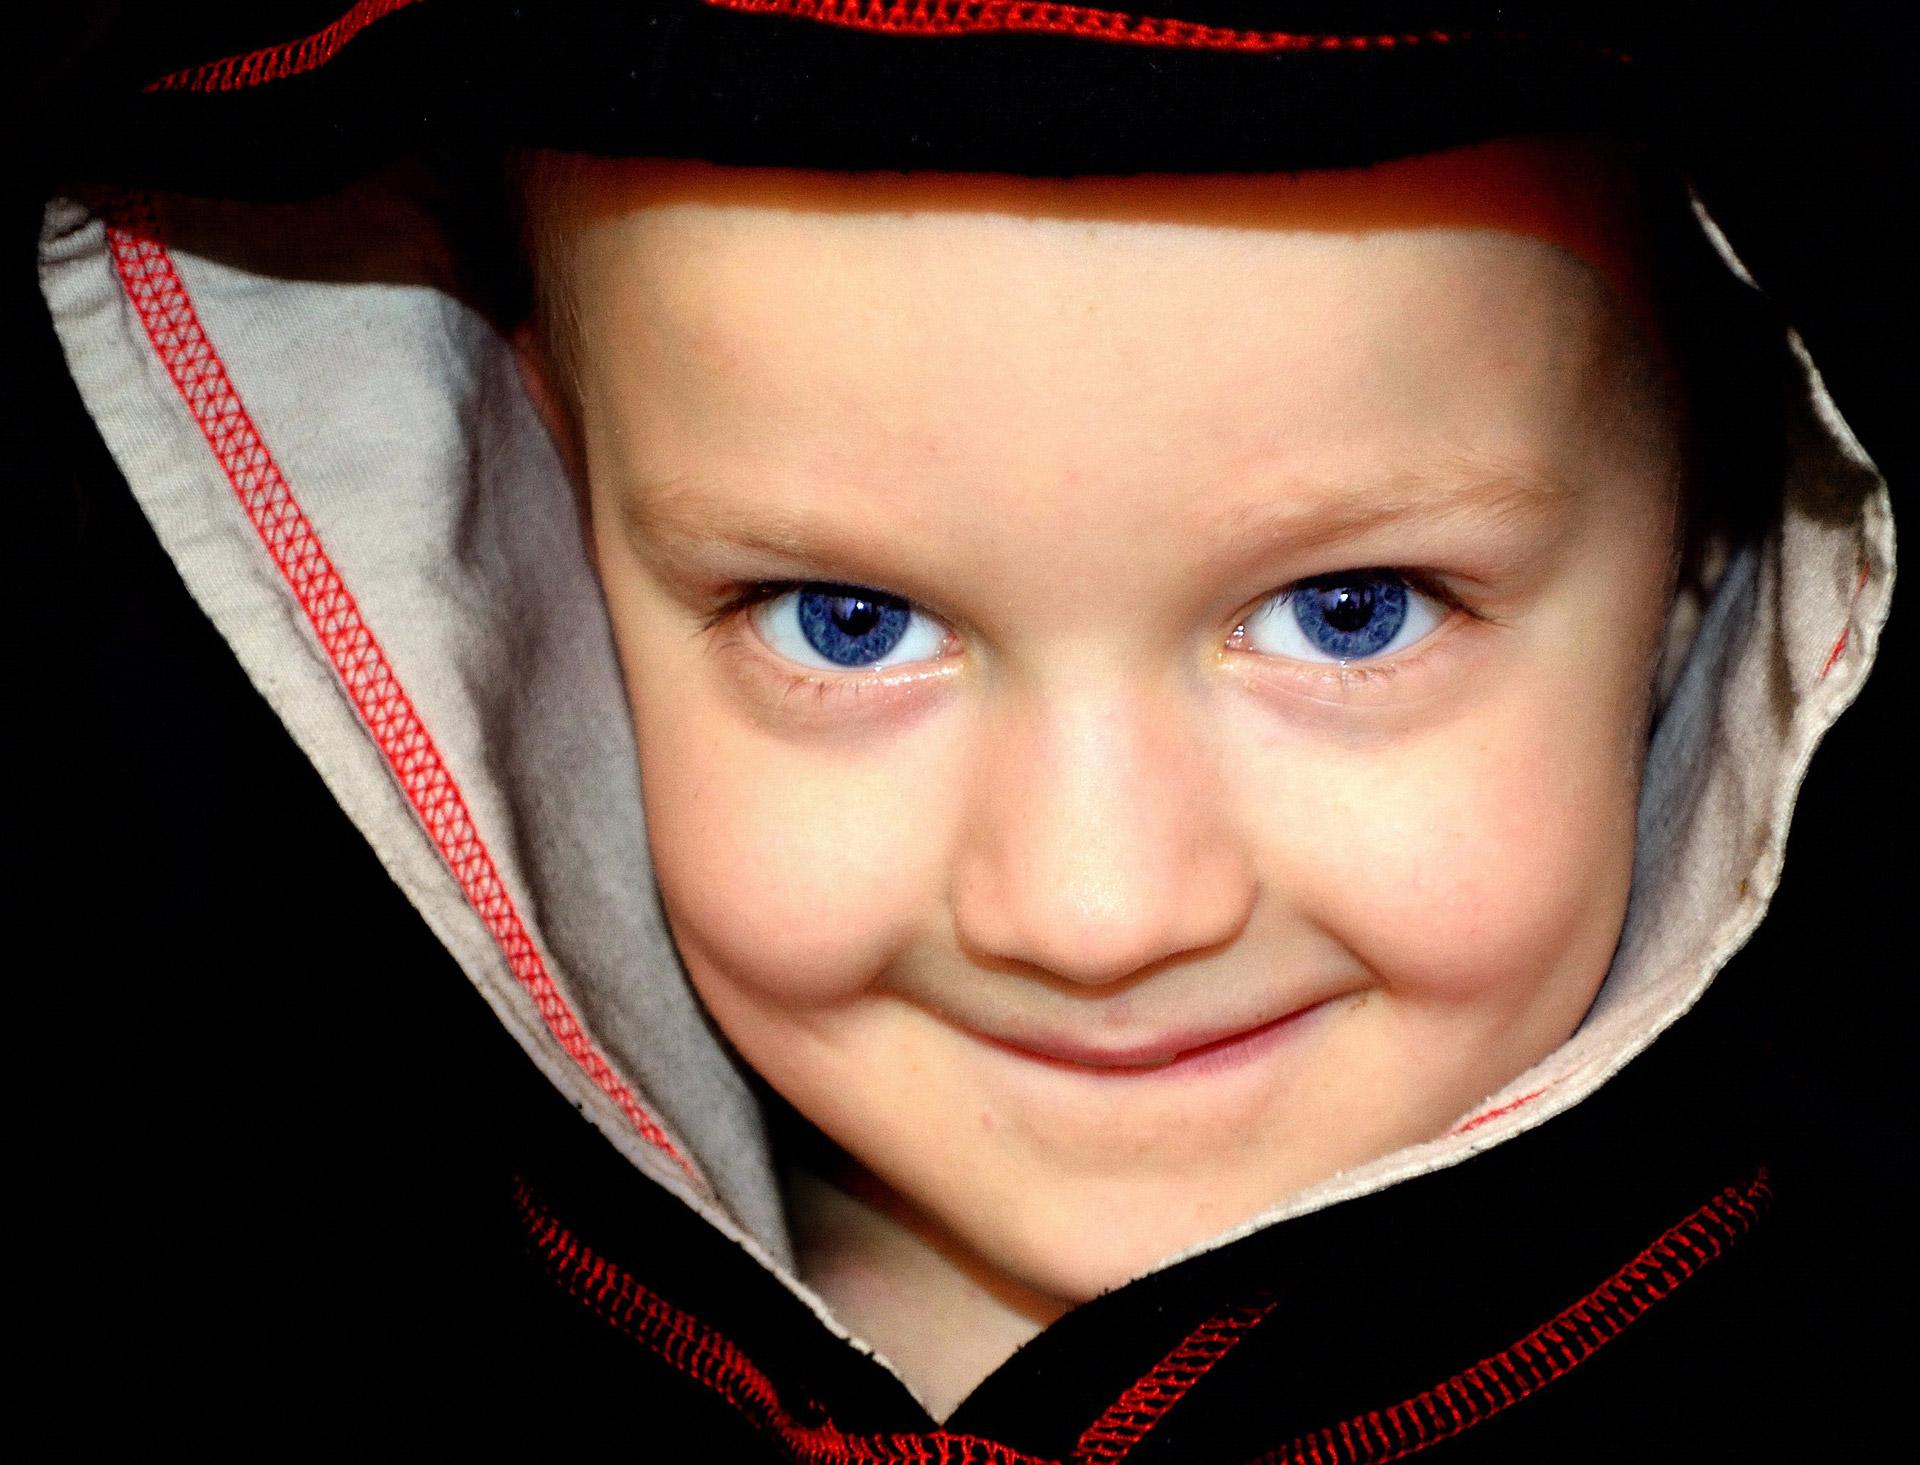 Micro-Matragună sau MicroPine cum se va numi în USA poate preveni miopia la copii.